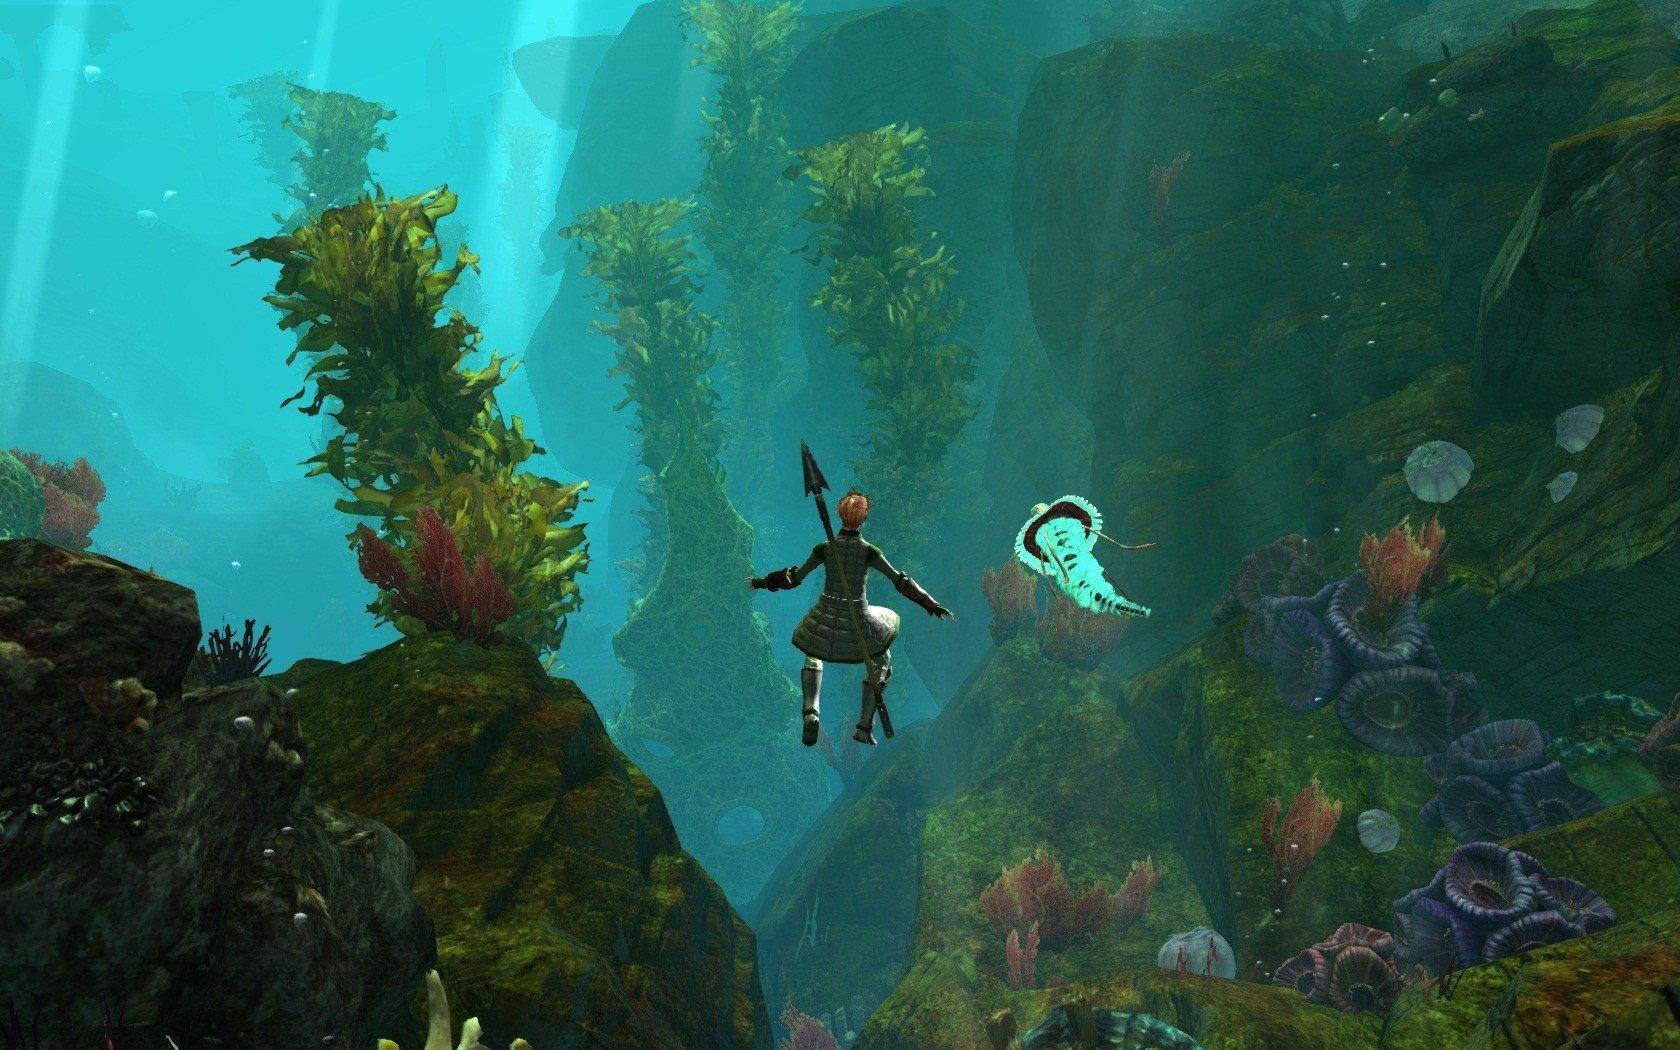 Combattimento acquatico Guild Wars 2 Cantha